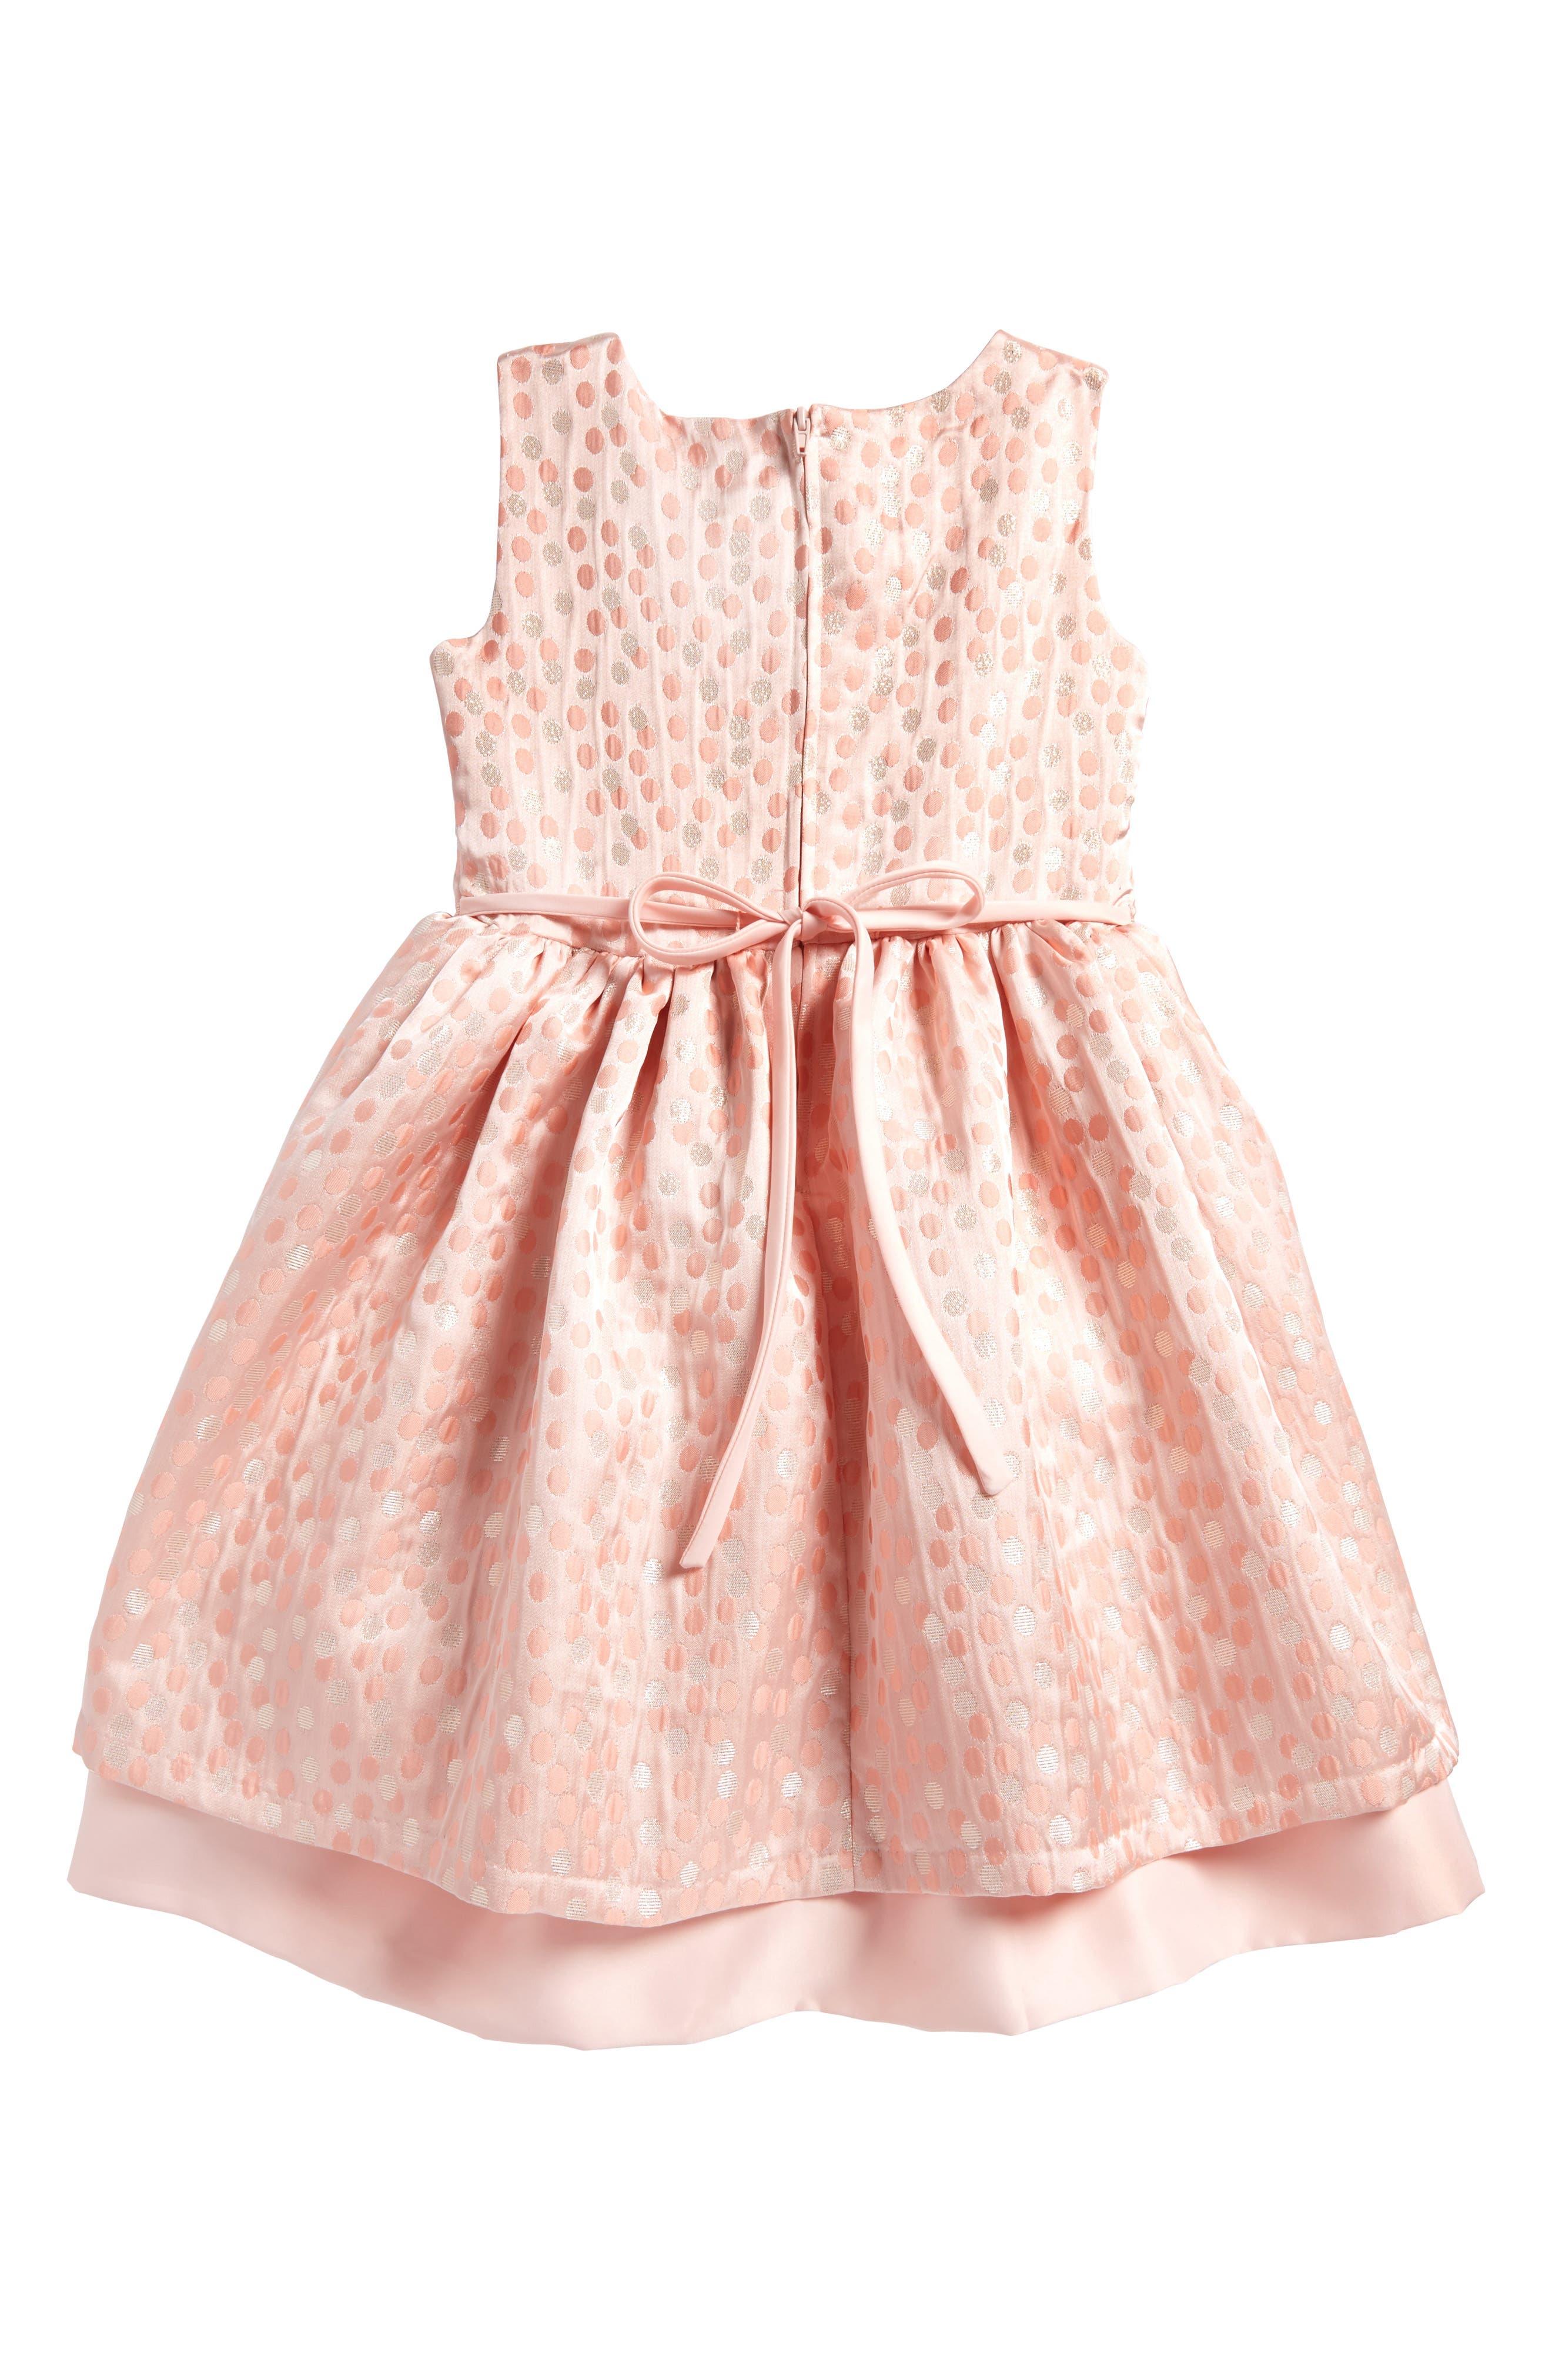 Metallic Dot Jacquard Dress,                             Alternate thumbnail 2, color,                             Peach